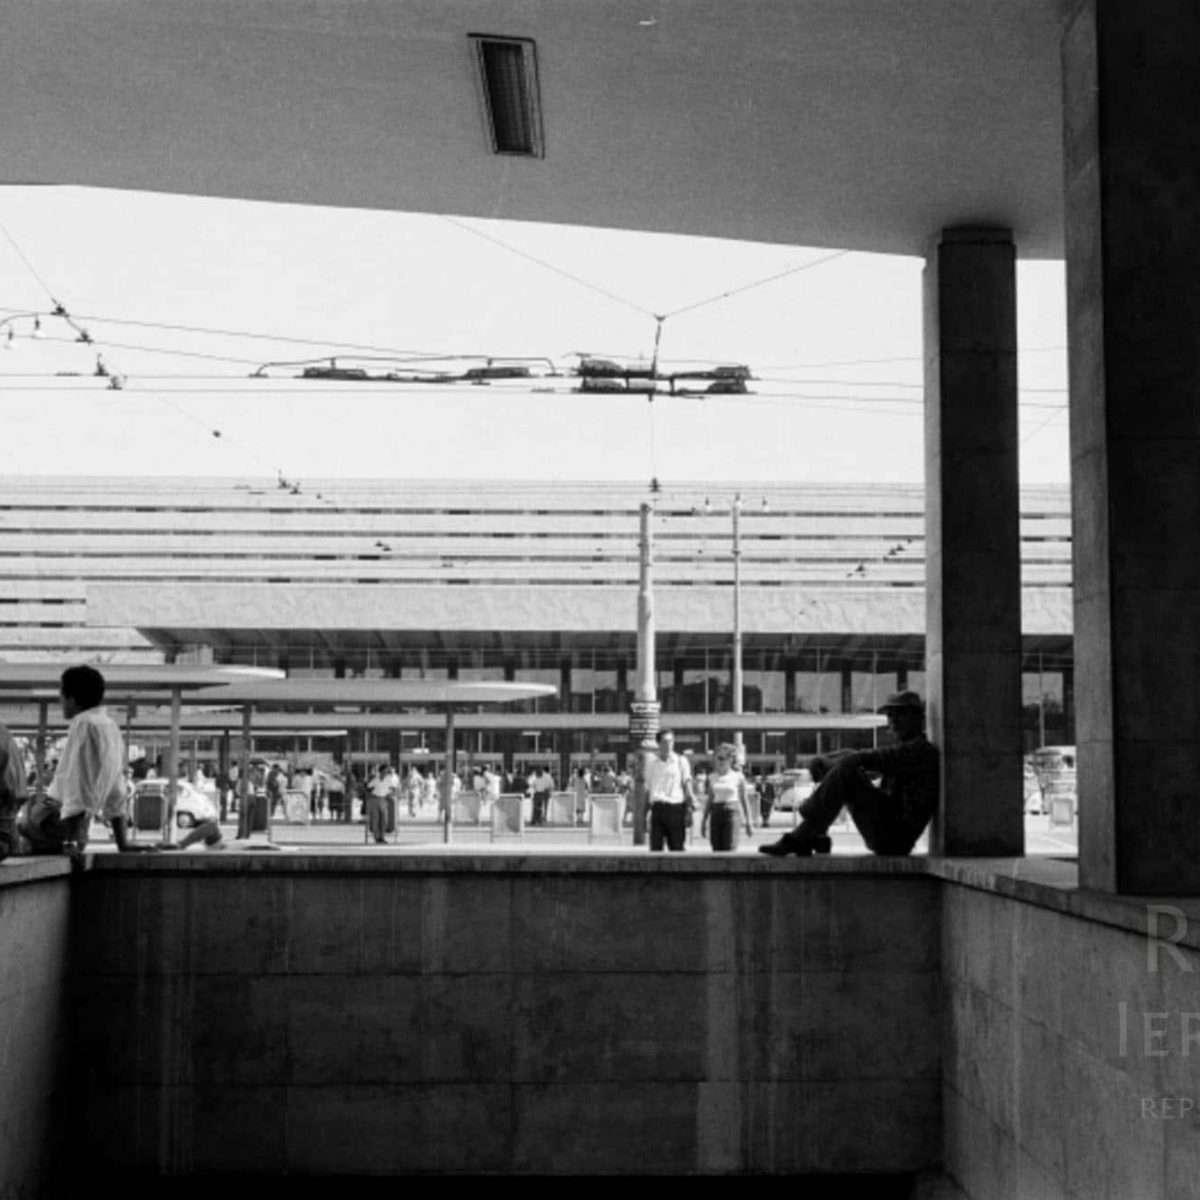 Piazza dei Cinquecento (Stazione Termini)